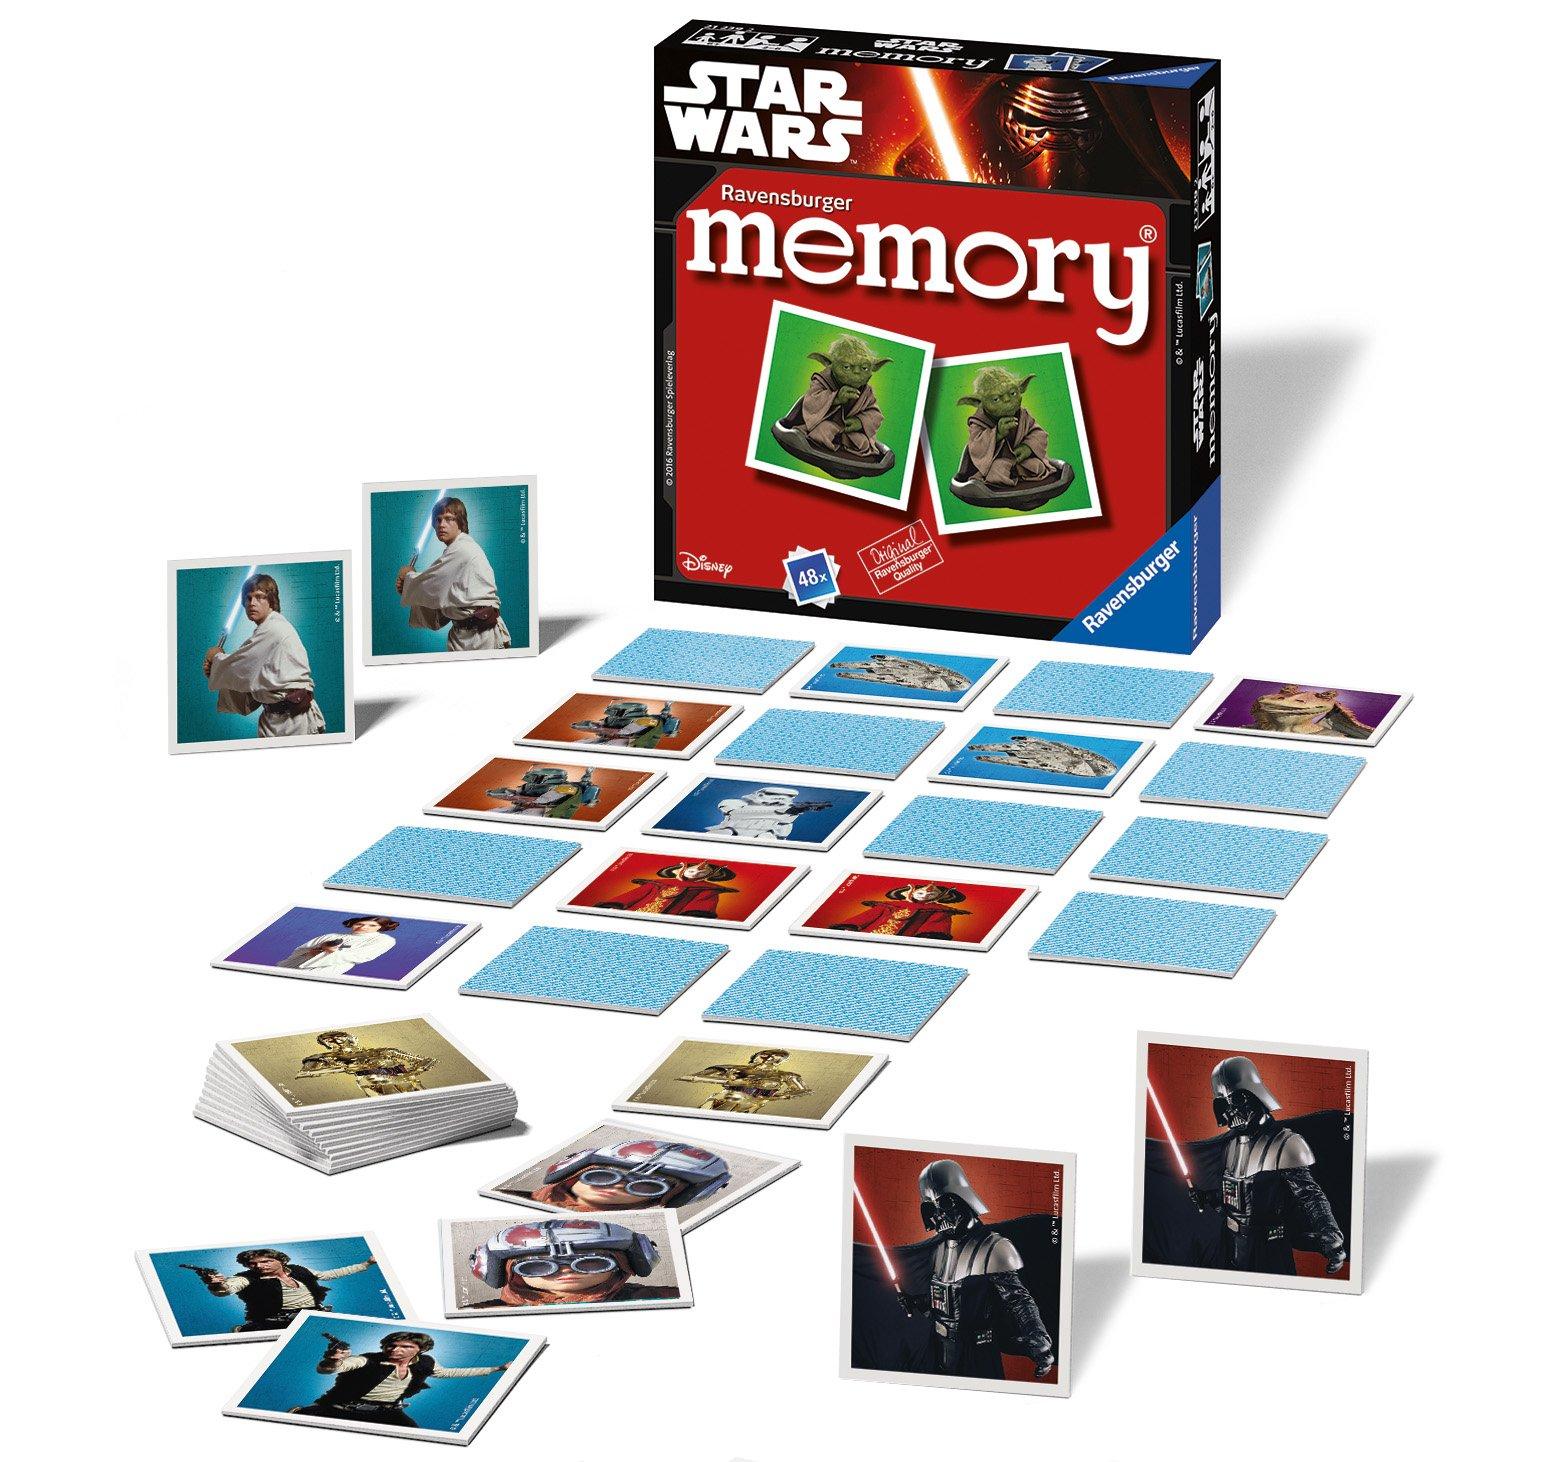 Comprar Ravensburger 21239Mini Memory clásico de Star Wars.